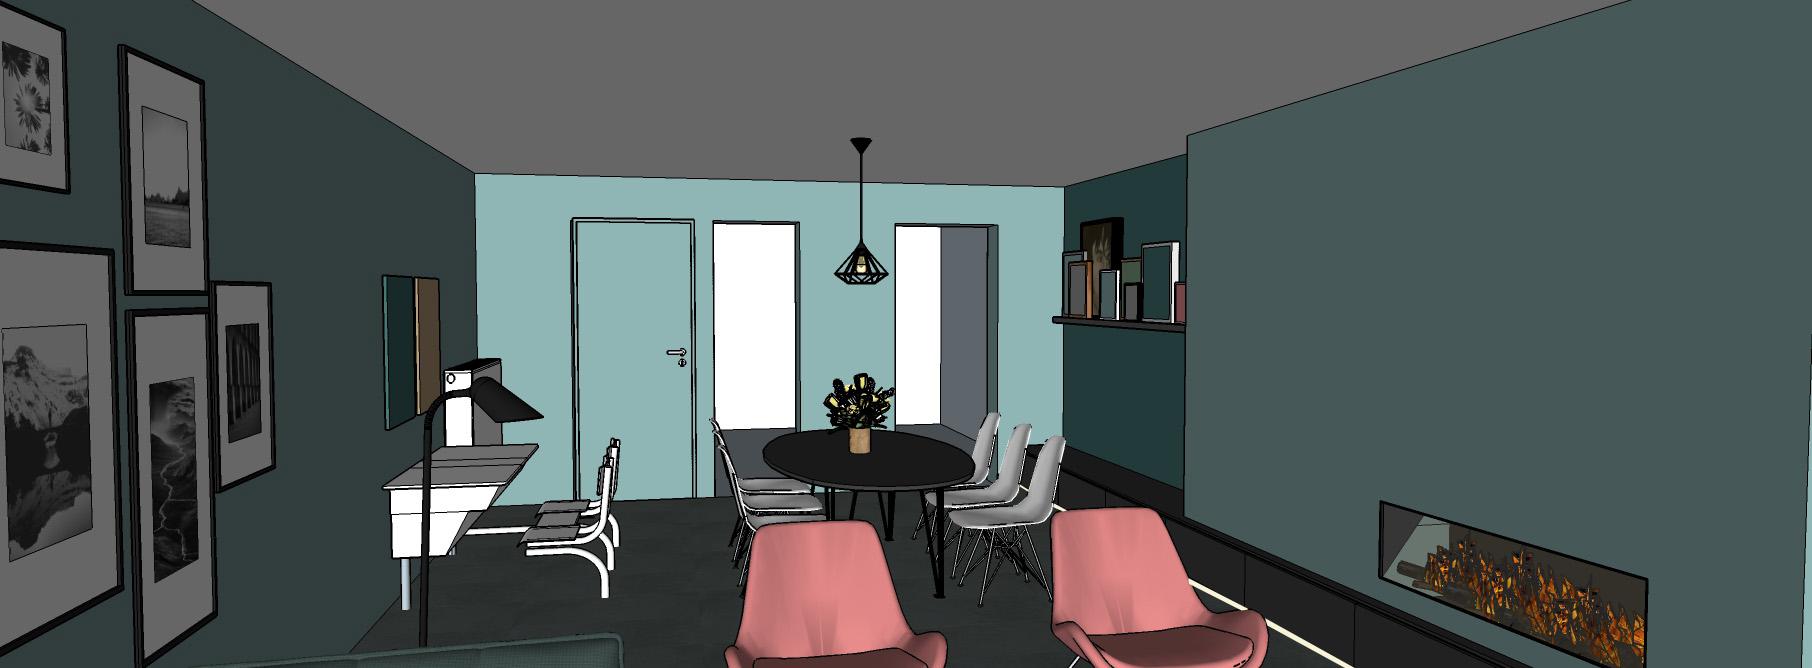 9 woonkamer ontwerp 2.jpg